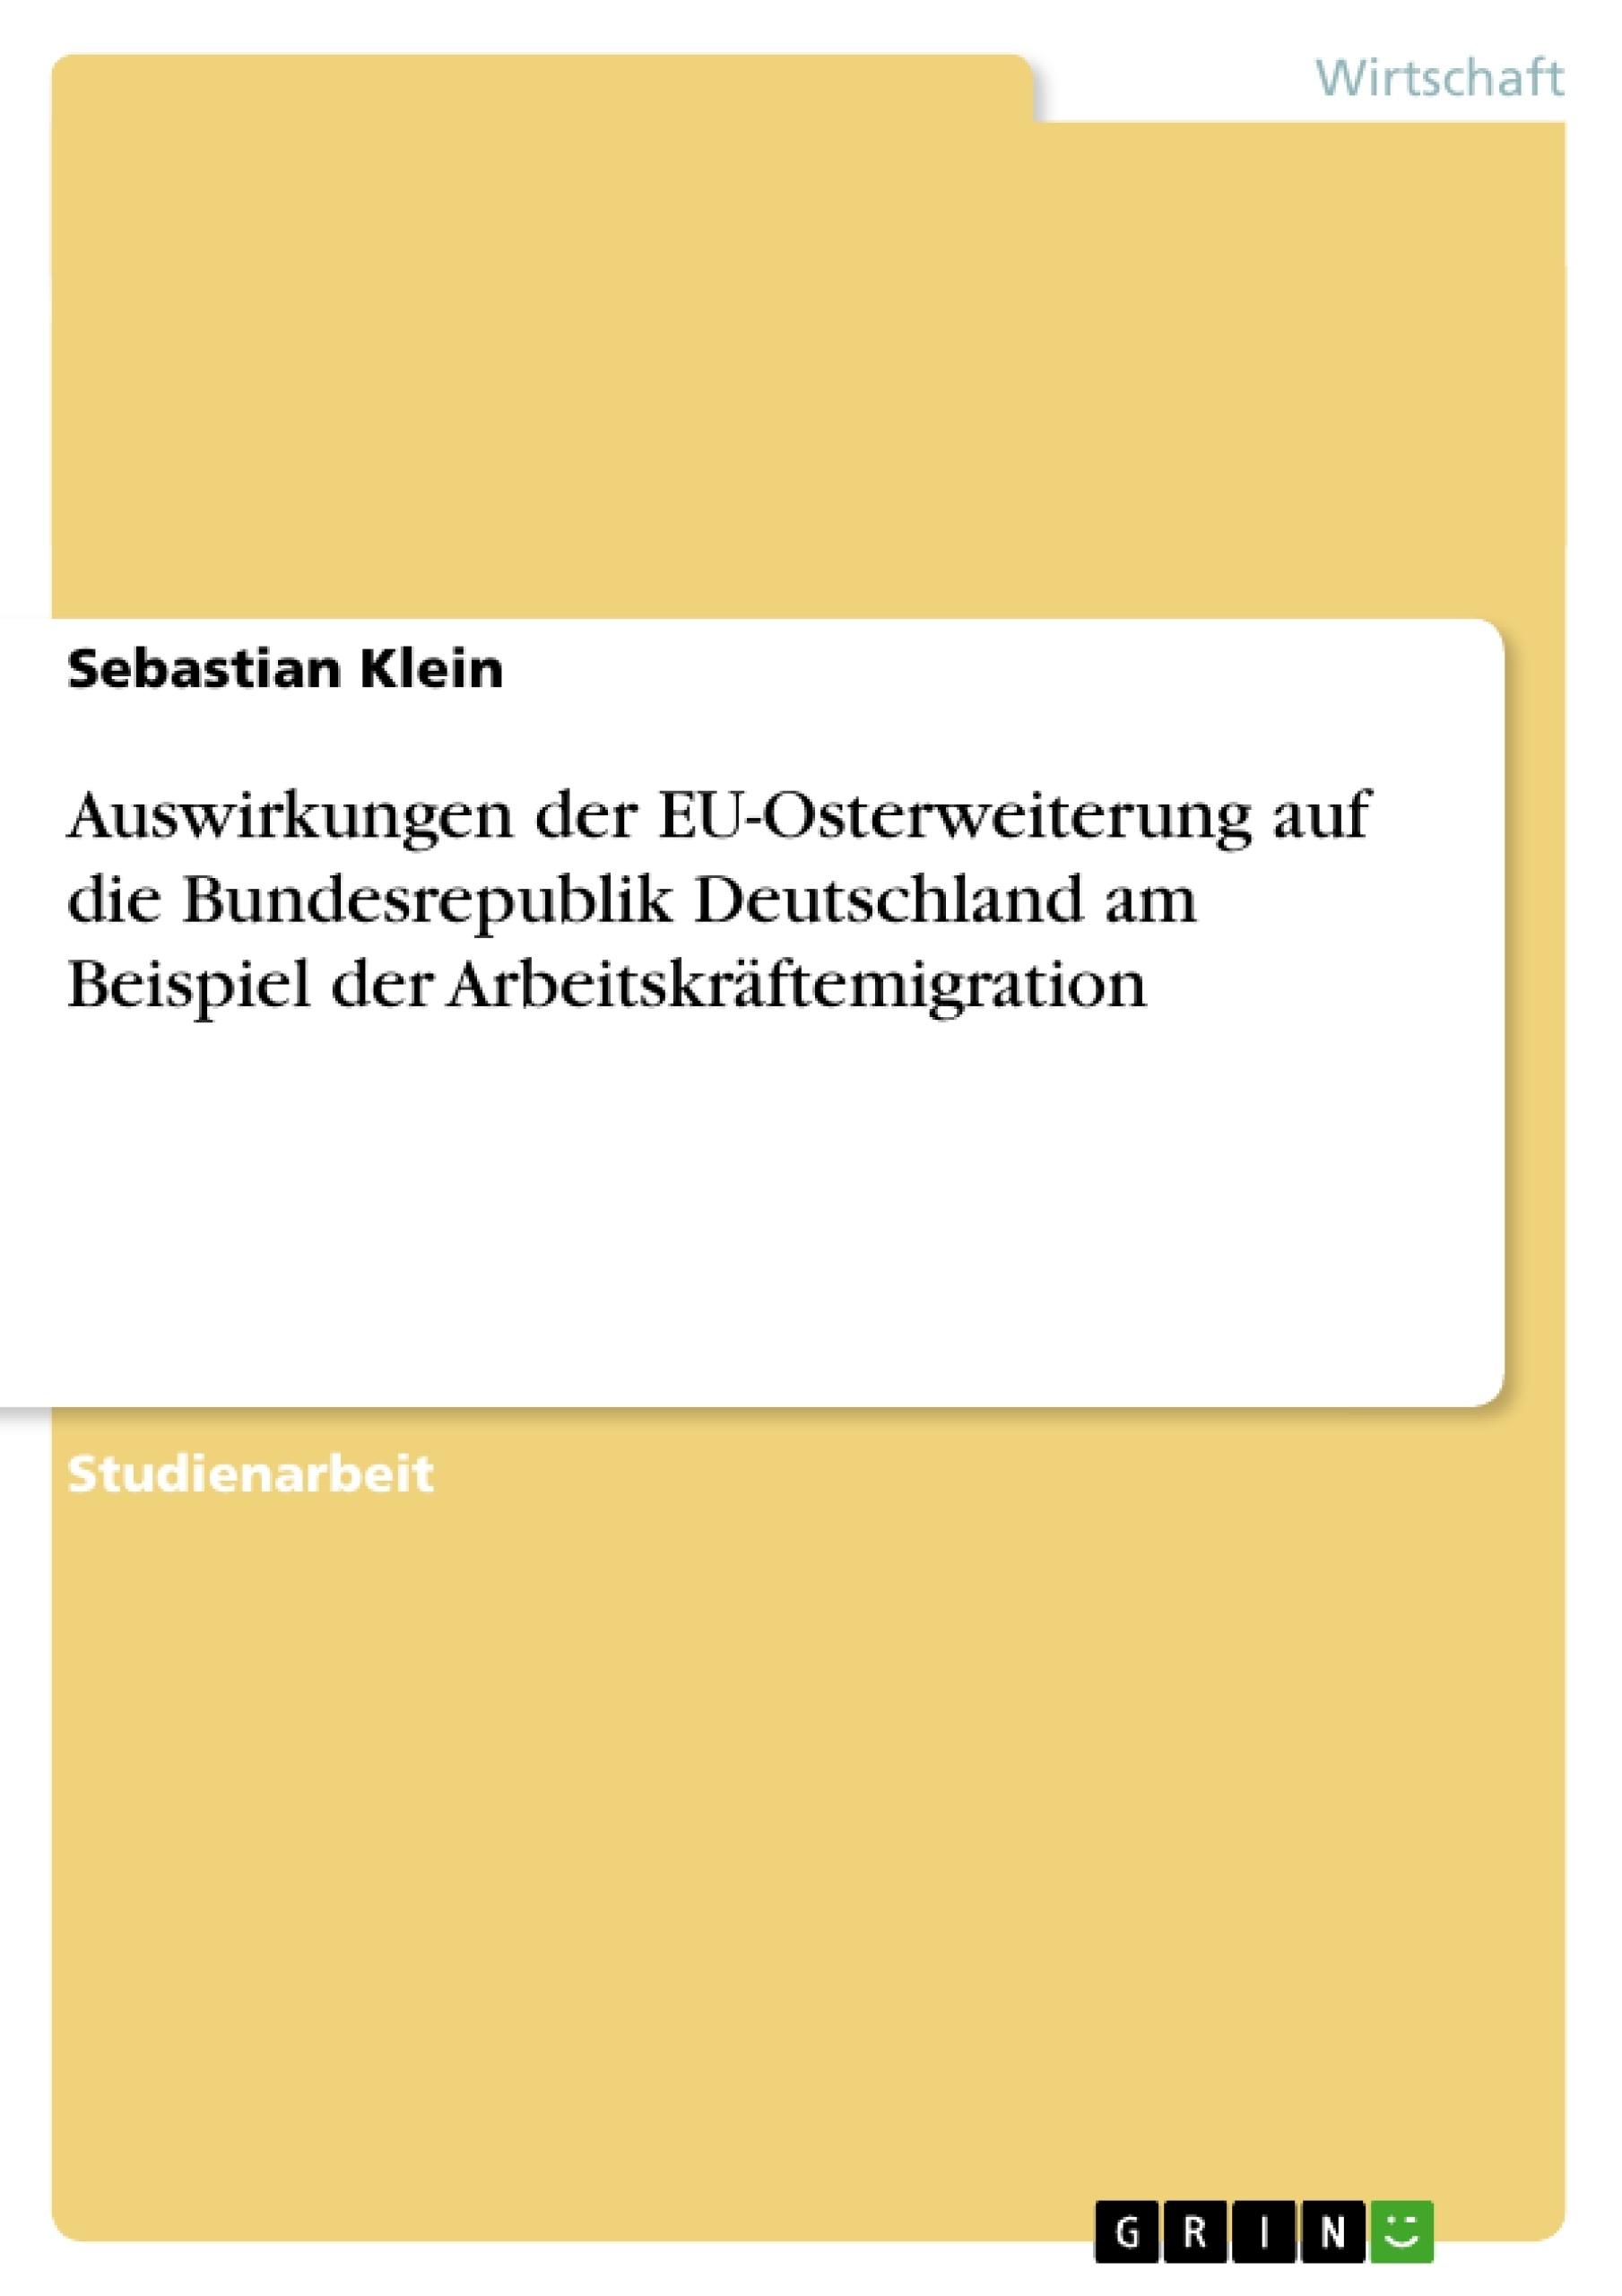 Titel: Auswirkungen der EU-Osterweiterung auf die Bundesrepublik Deutschland am Beispiel der Arbeitskräftemigration